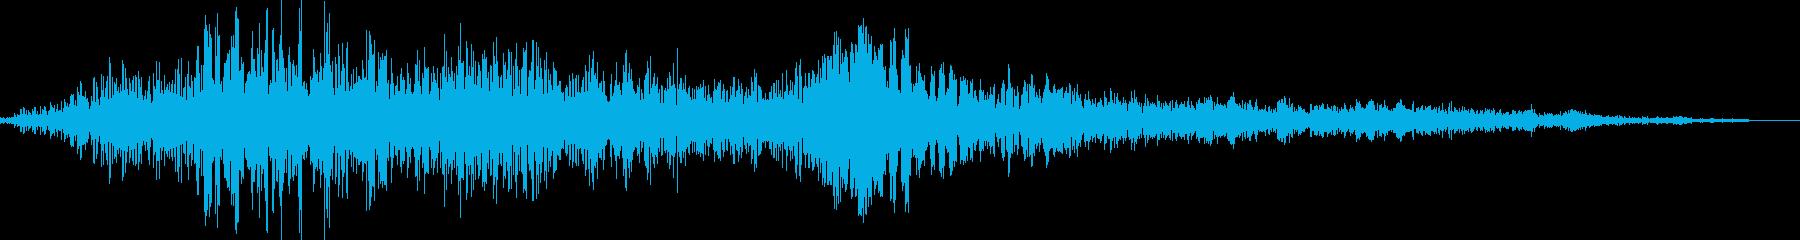 ロボット起動(立ち上がる)の再生済みの波形